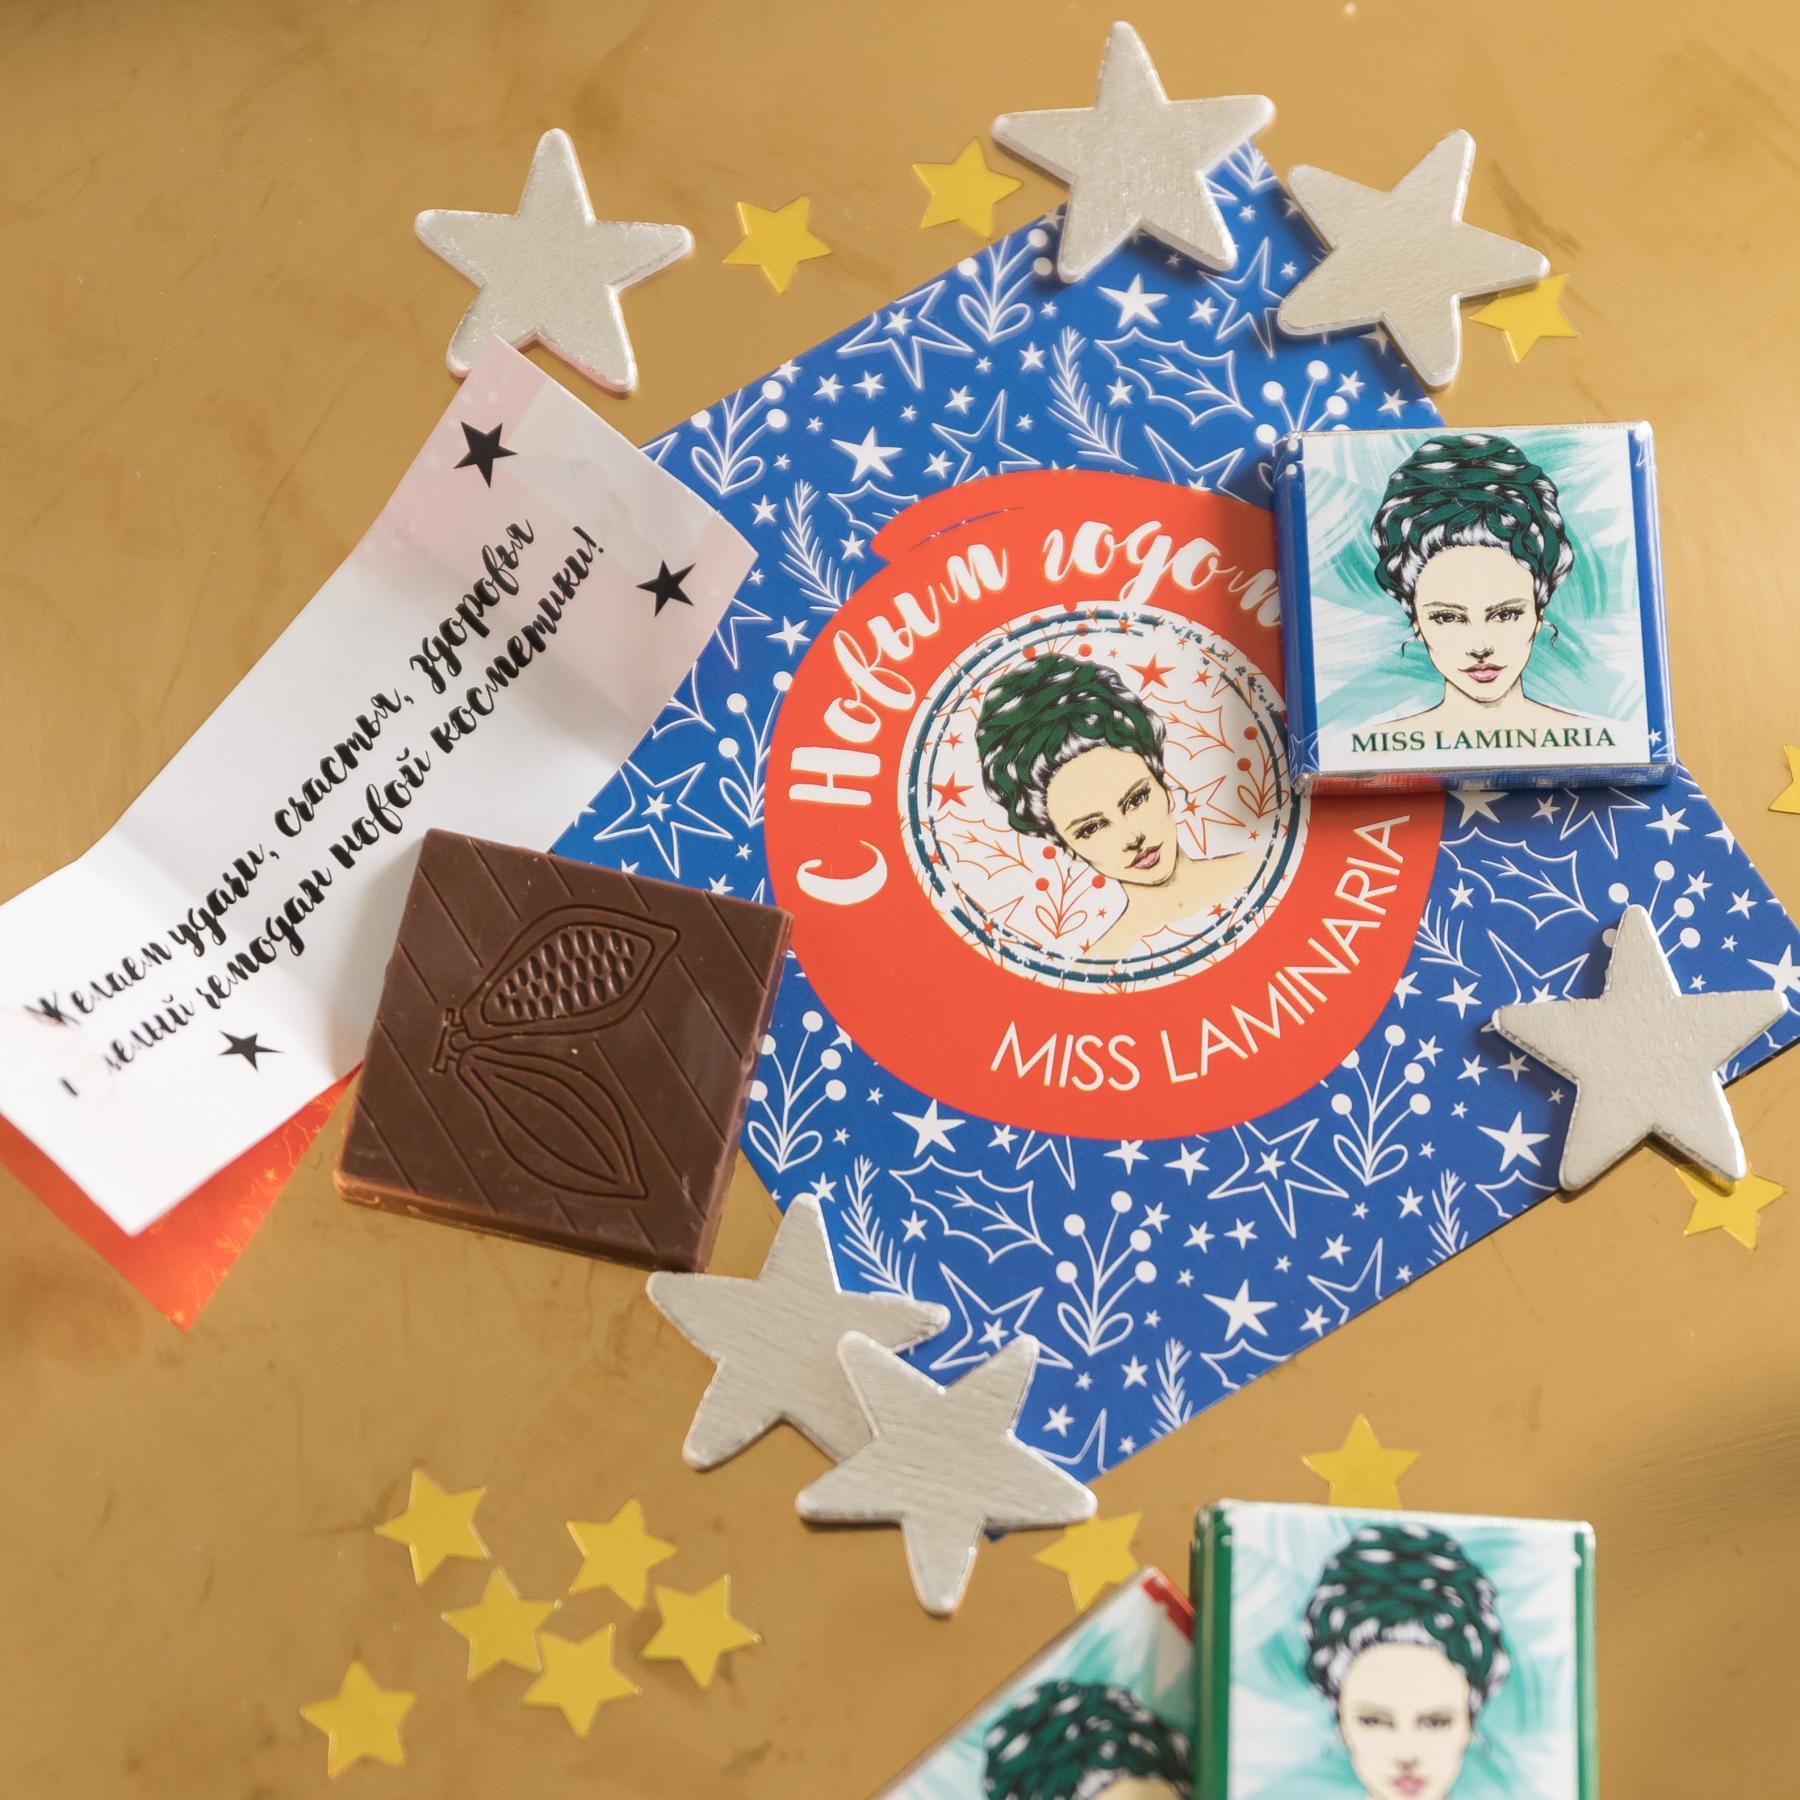 Фото Топ-5 самых крутых подарков на Новый год от Laminaria Shop 6